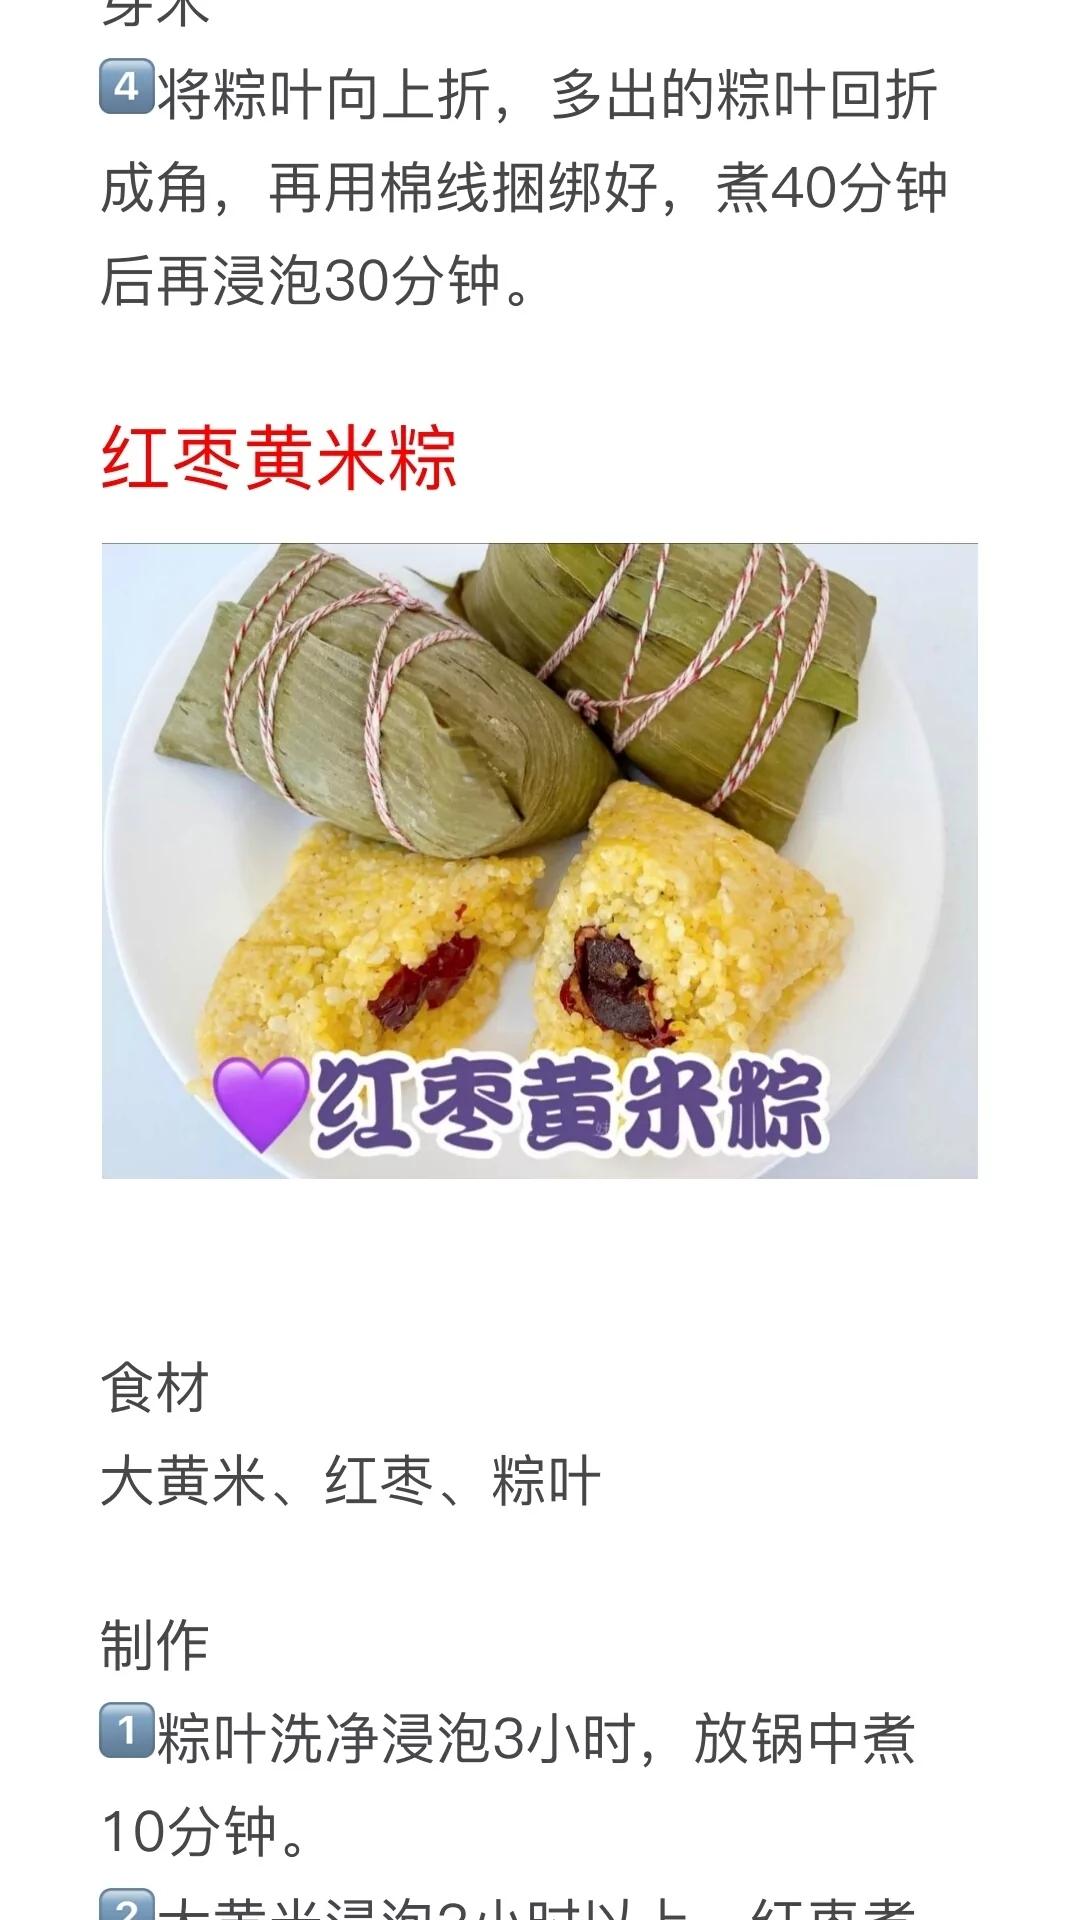 16种粽子的做法及配料!粽子馅配方种类大全,粽子制作方法教程 美食做法 第23张